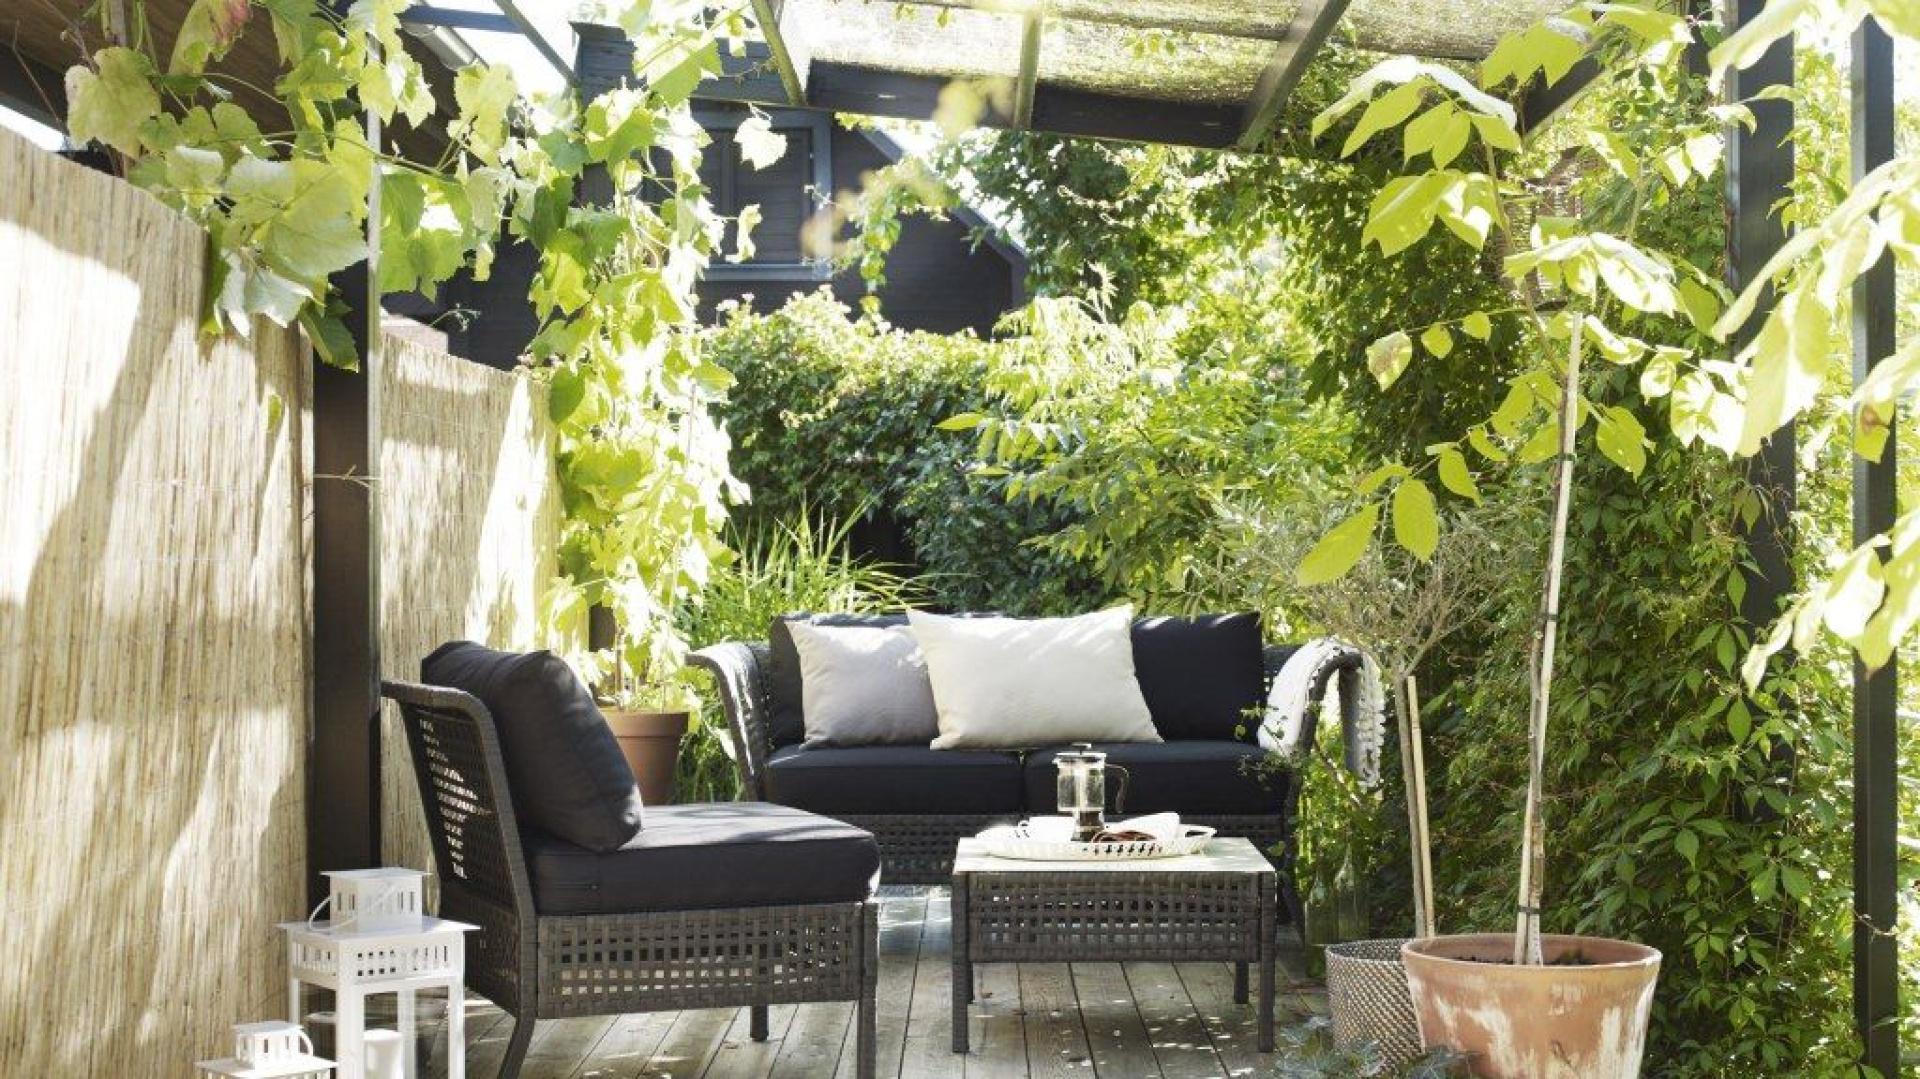 Taras porośnięty zielenią to najlepsze miejsce na spędzenie wiosennych i letnich popołudni. Wygodne rattanowe meble sprawiają, że czas upłynie nam nadzwyczaj miło. Fot. IKEA